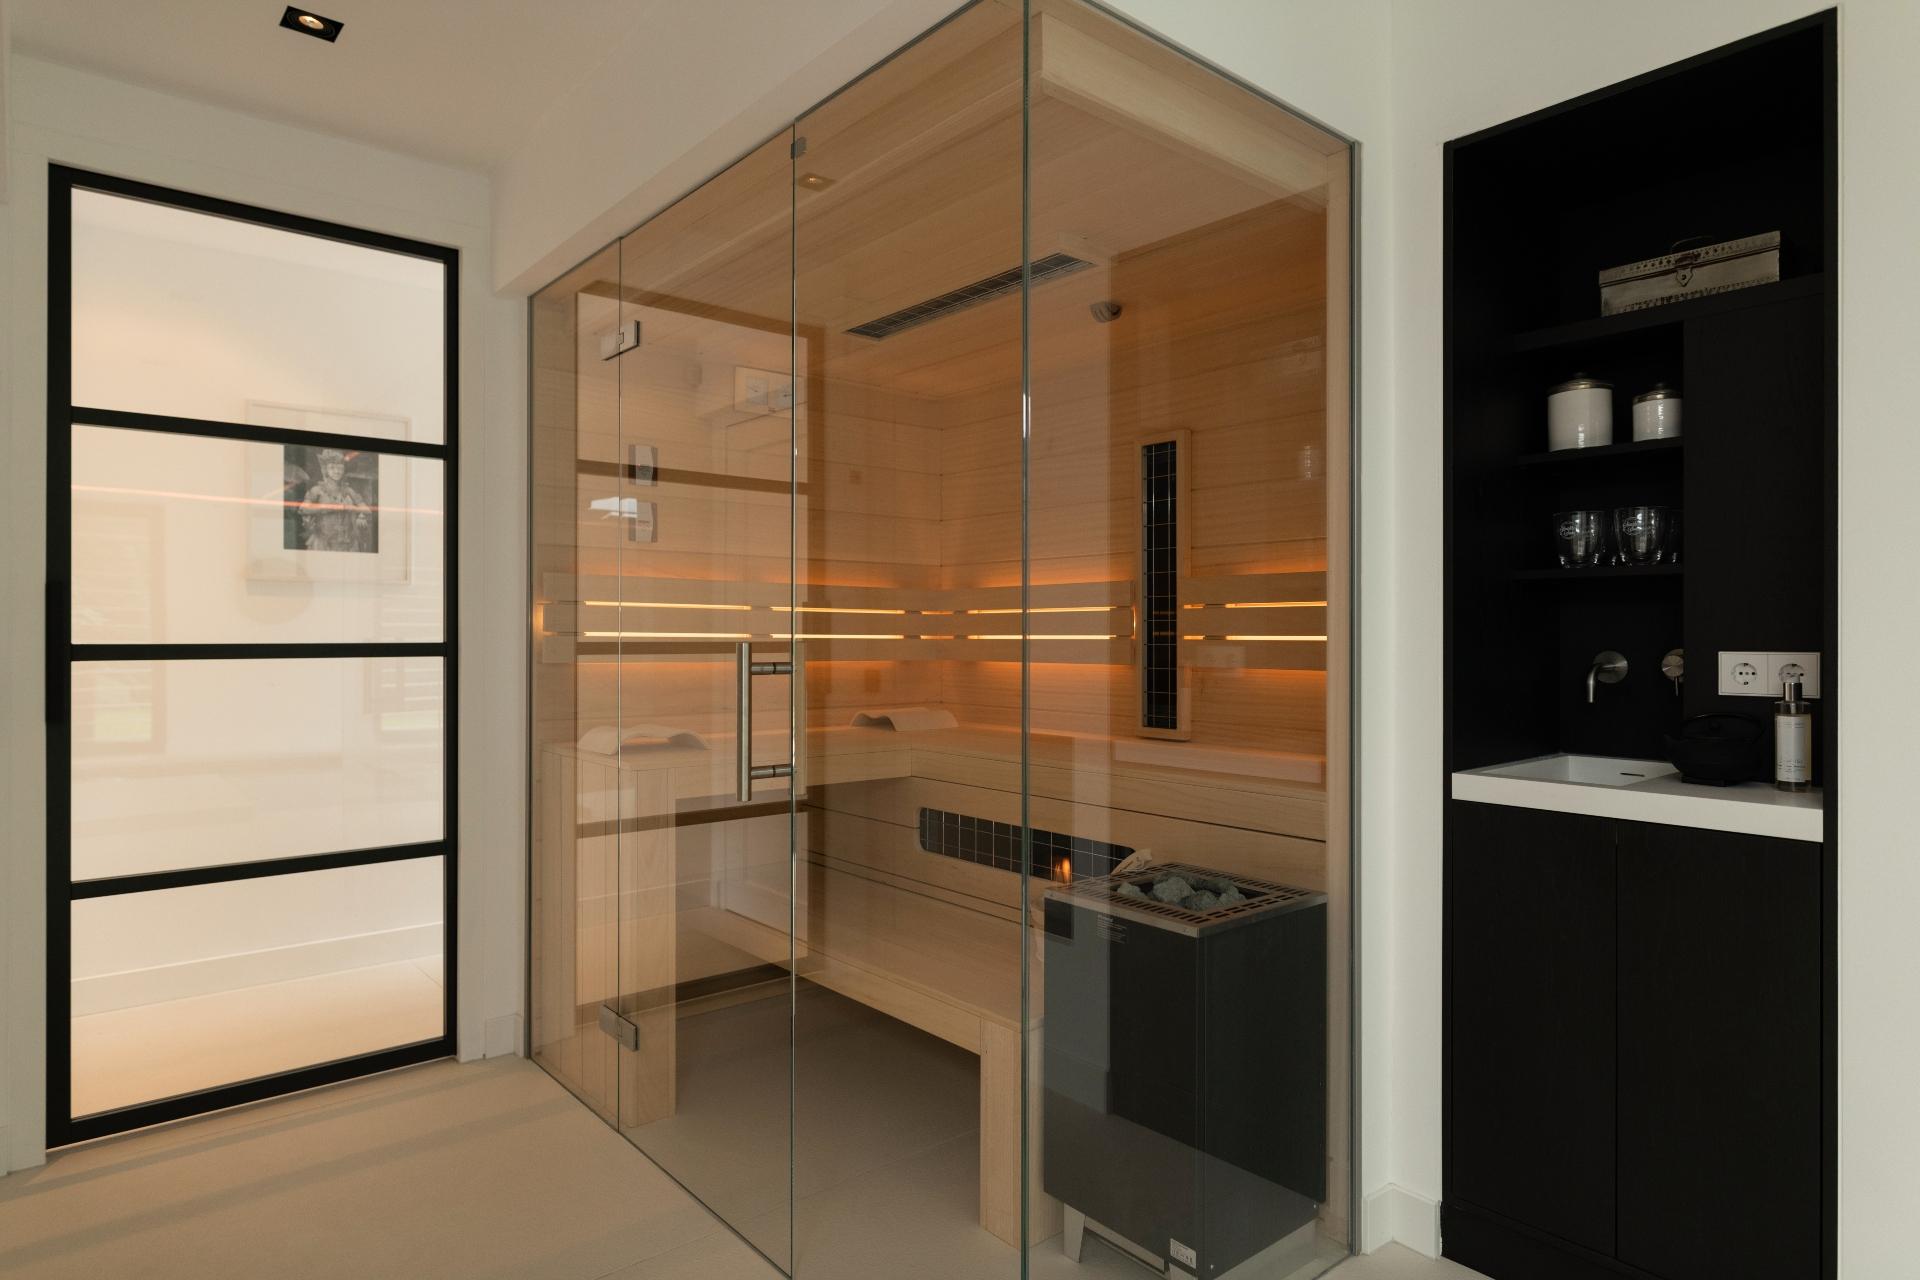 Sauna combinatie op maat met glaswand in moderne wellnessruimte